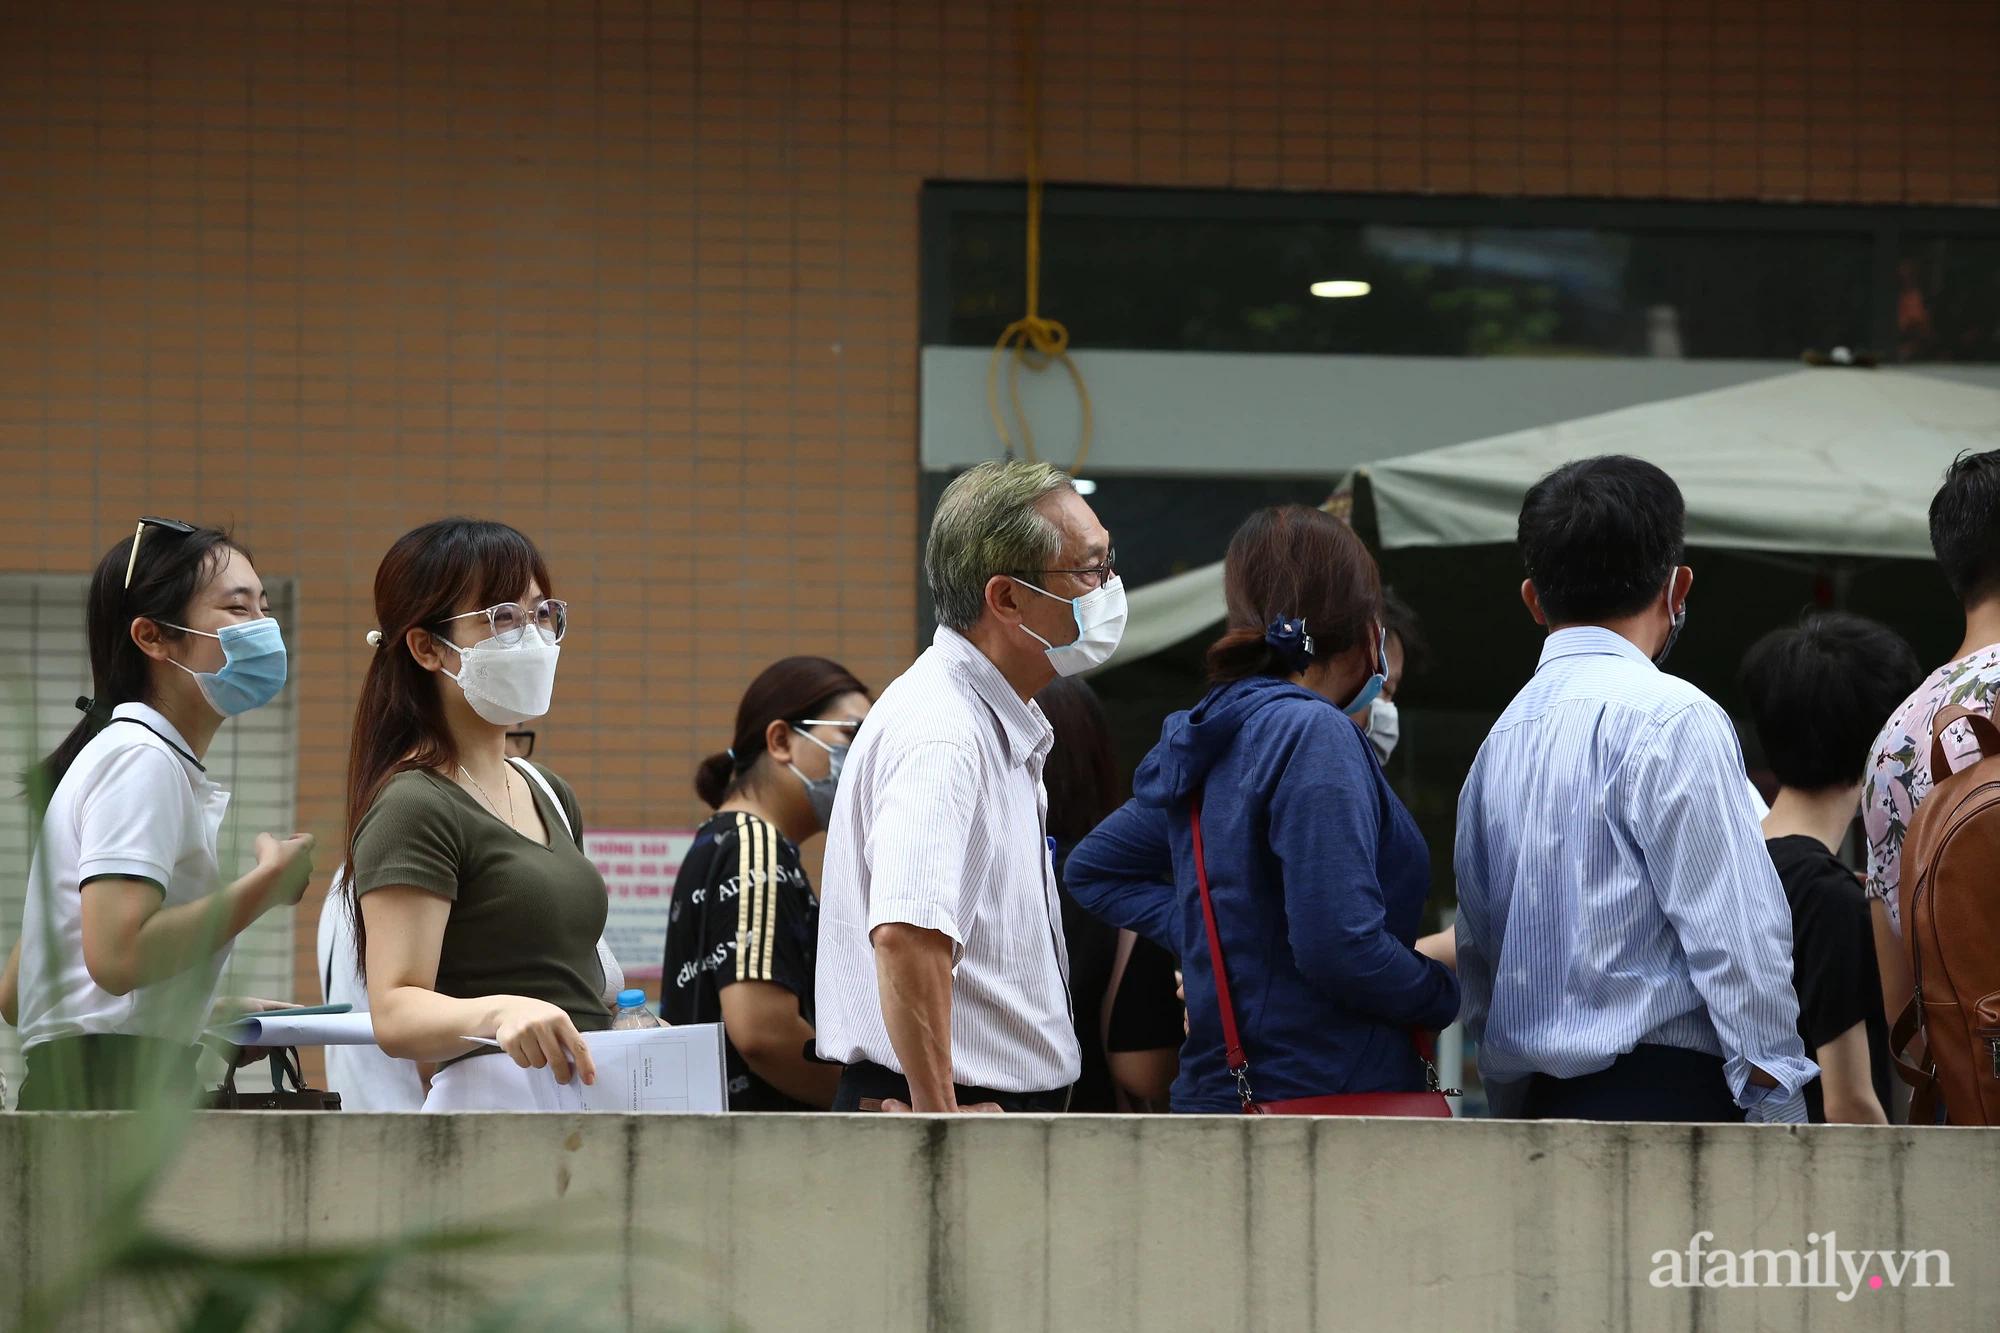 Bí thư Hà Nội chỉ đạo nóng: Dừng ngay điểm tiêm vaccine tại Bệnh viện E do tập trung đông người - ảnh 2